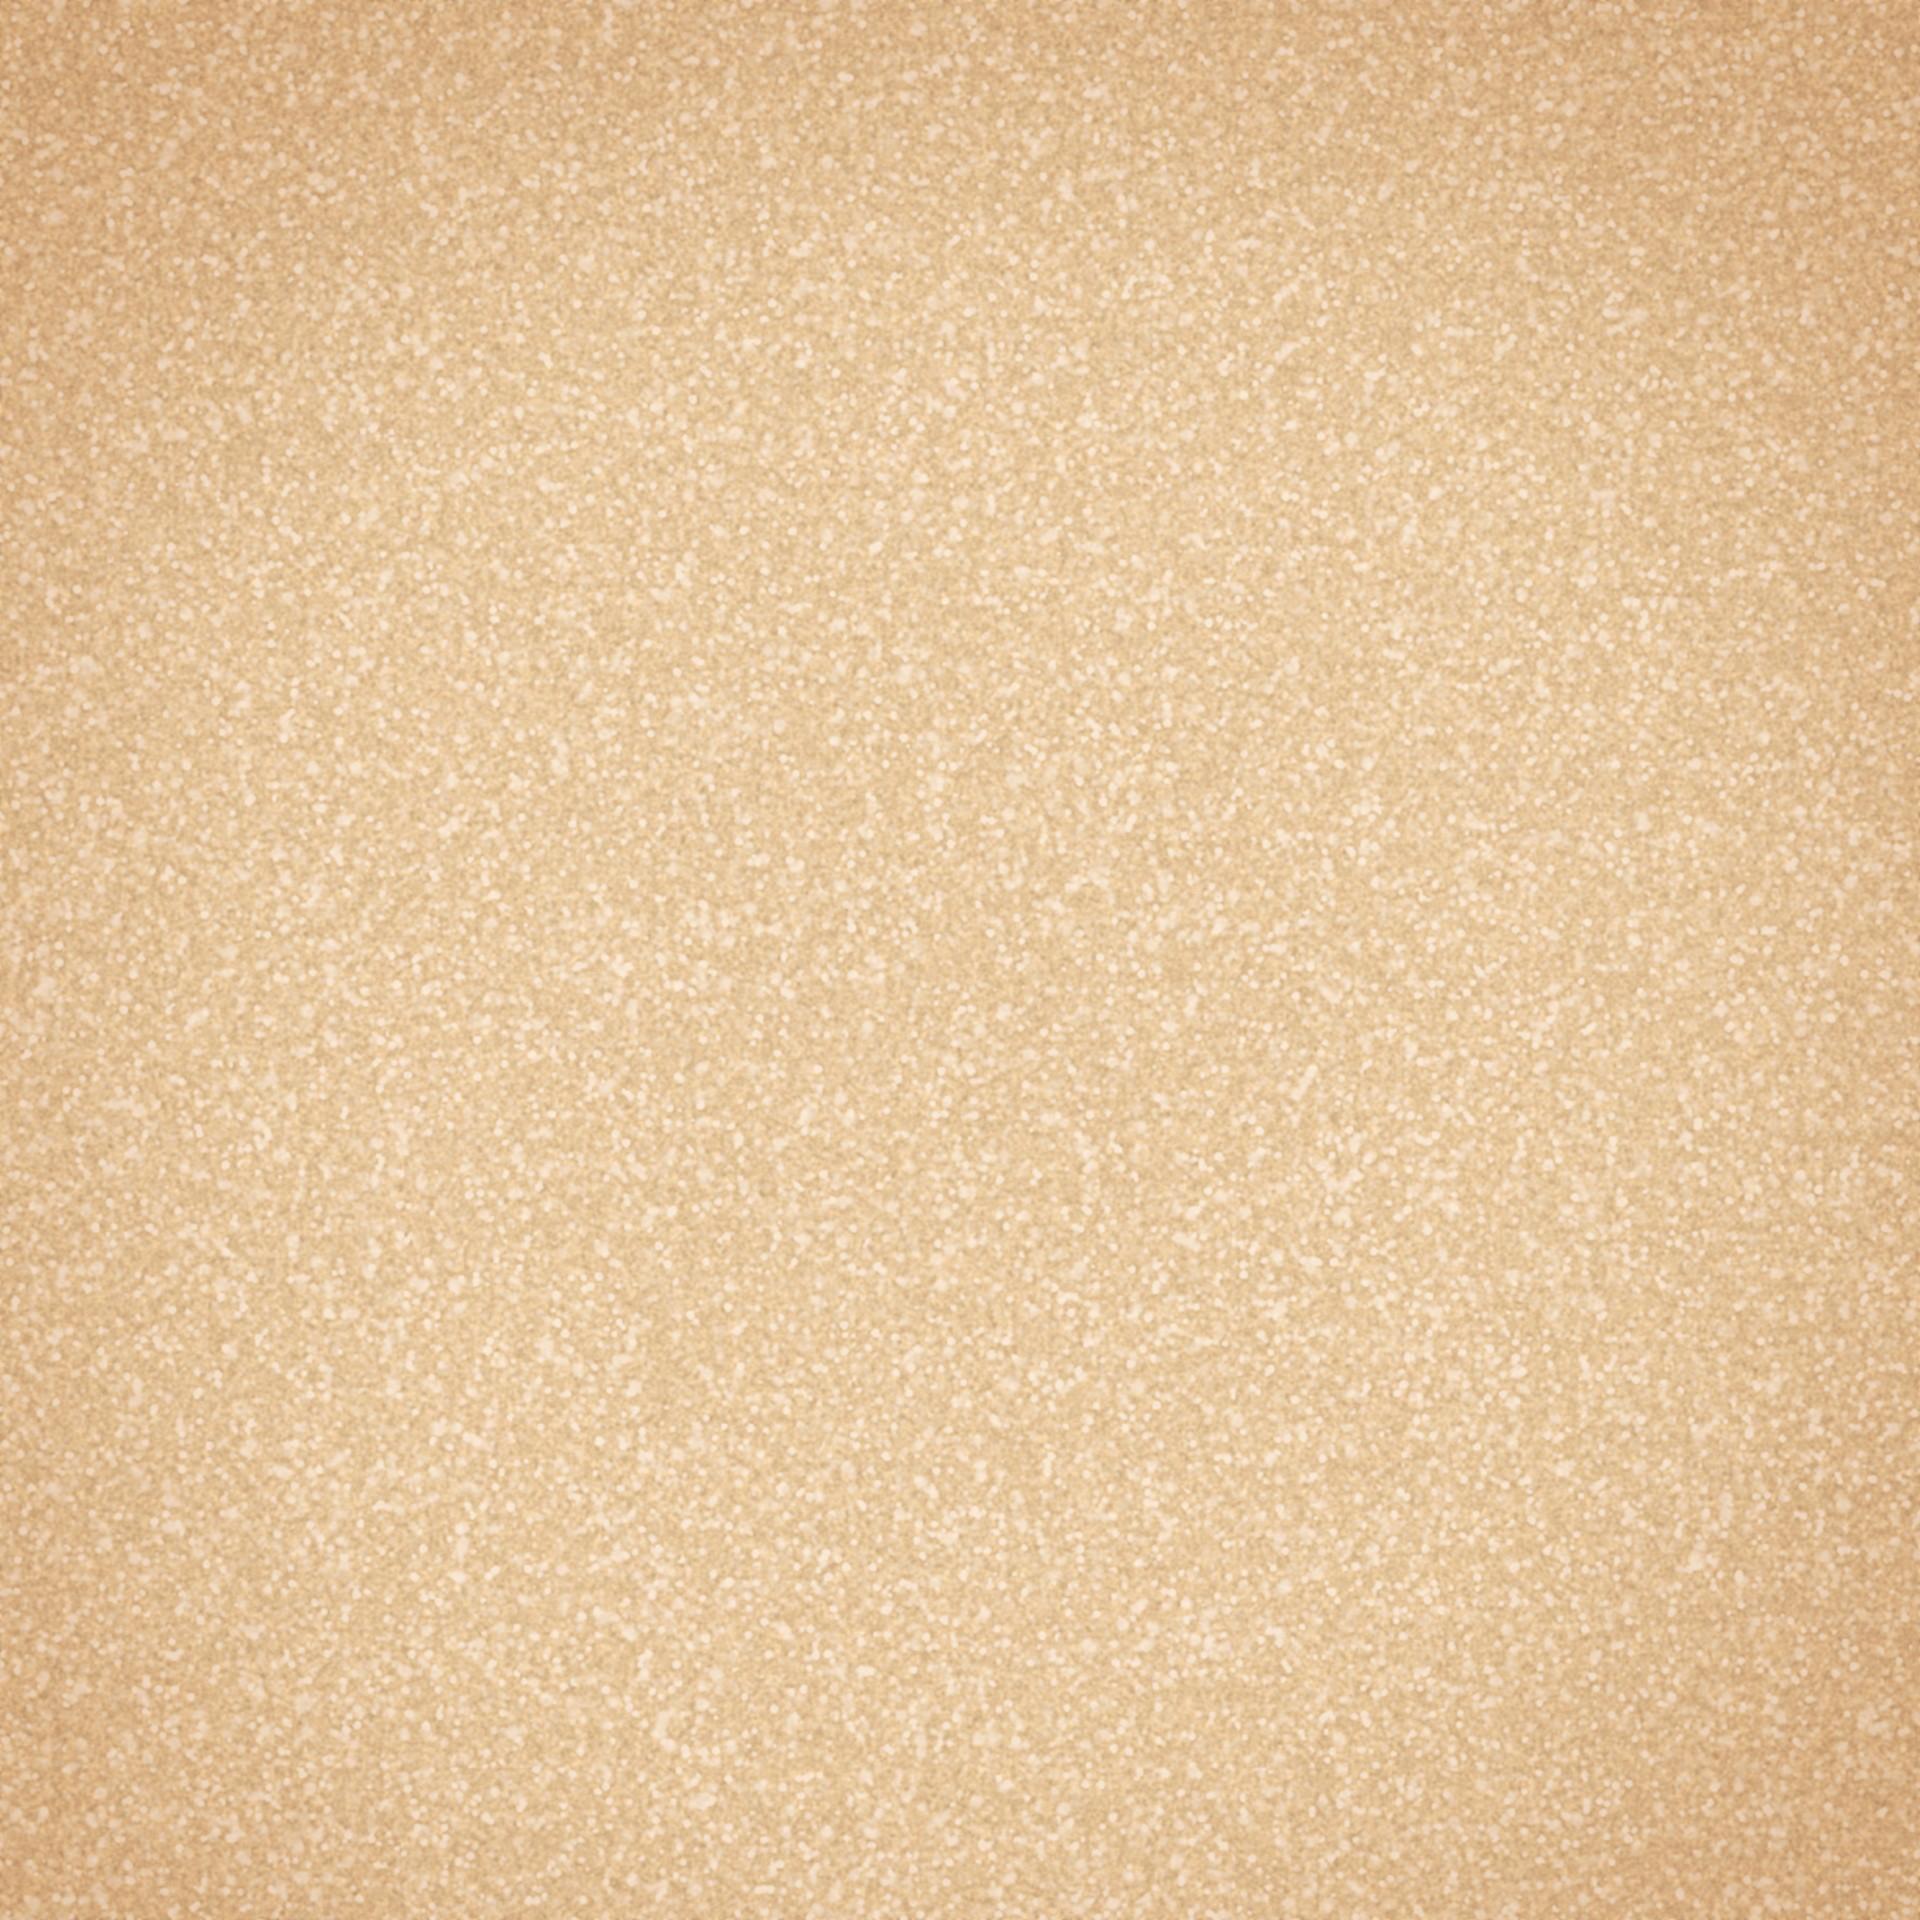 Gold Touch - Gold Shimmer No.01 - immagine della galleria 2